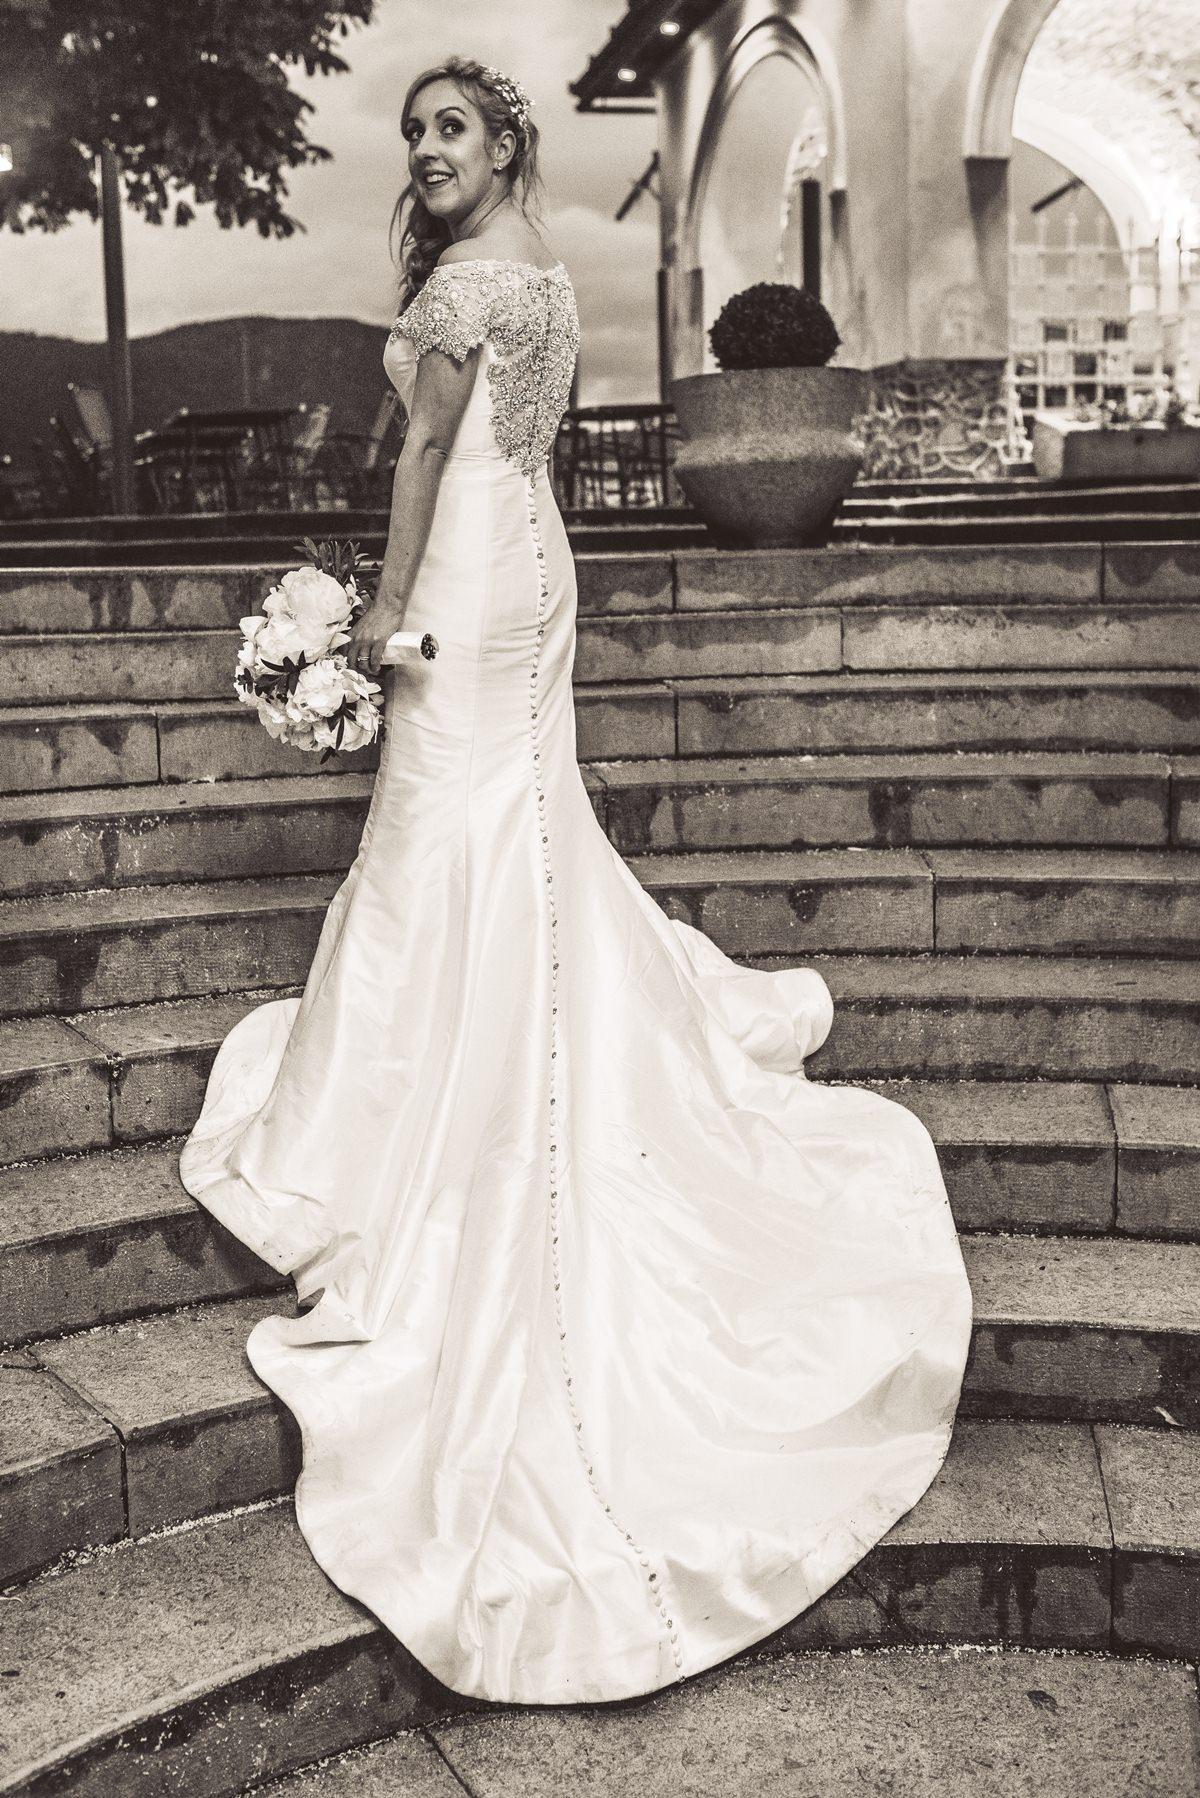 poroka_bled_grad_blejski_otok_wedding_castel_grand_hotel_toplice_poročni_fotograf_poročna_fotografija_058